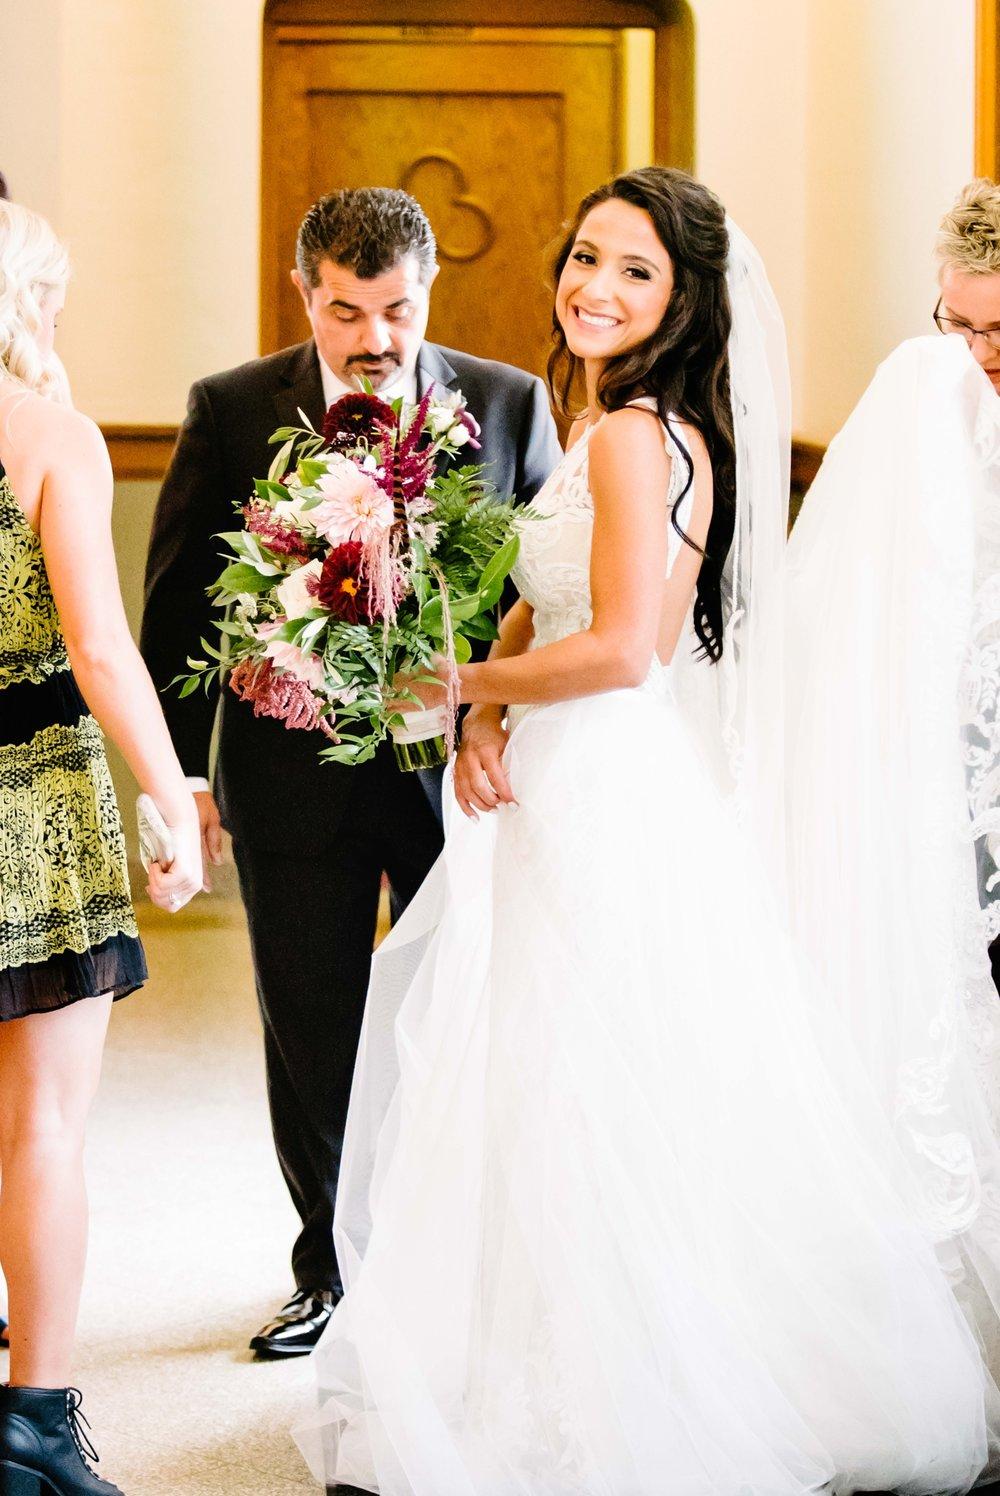 lake-geneva-fine-art-wedding-photography-myers15